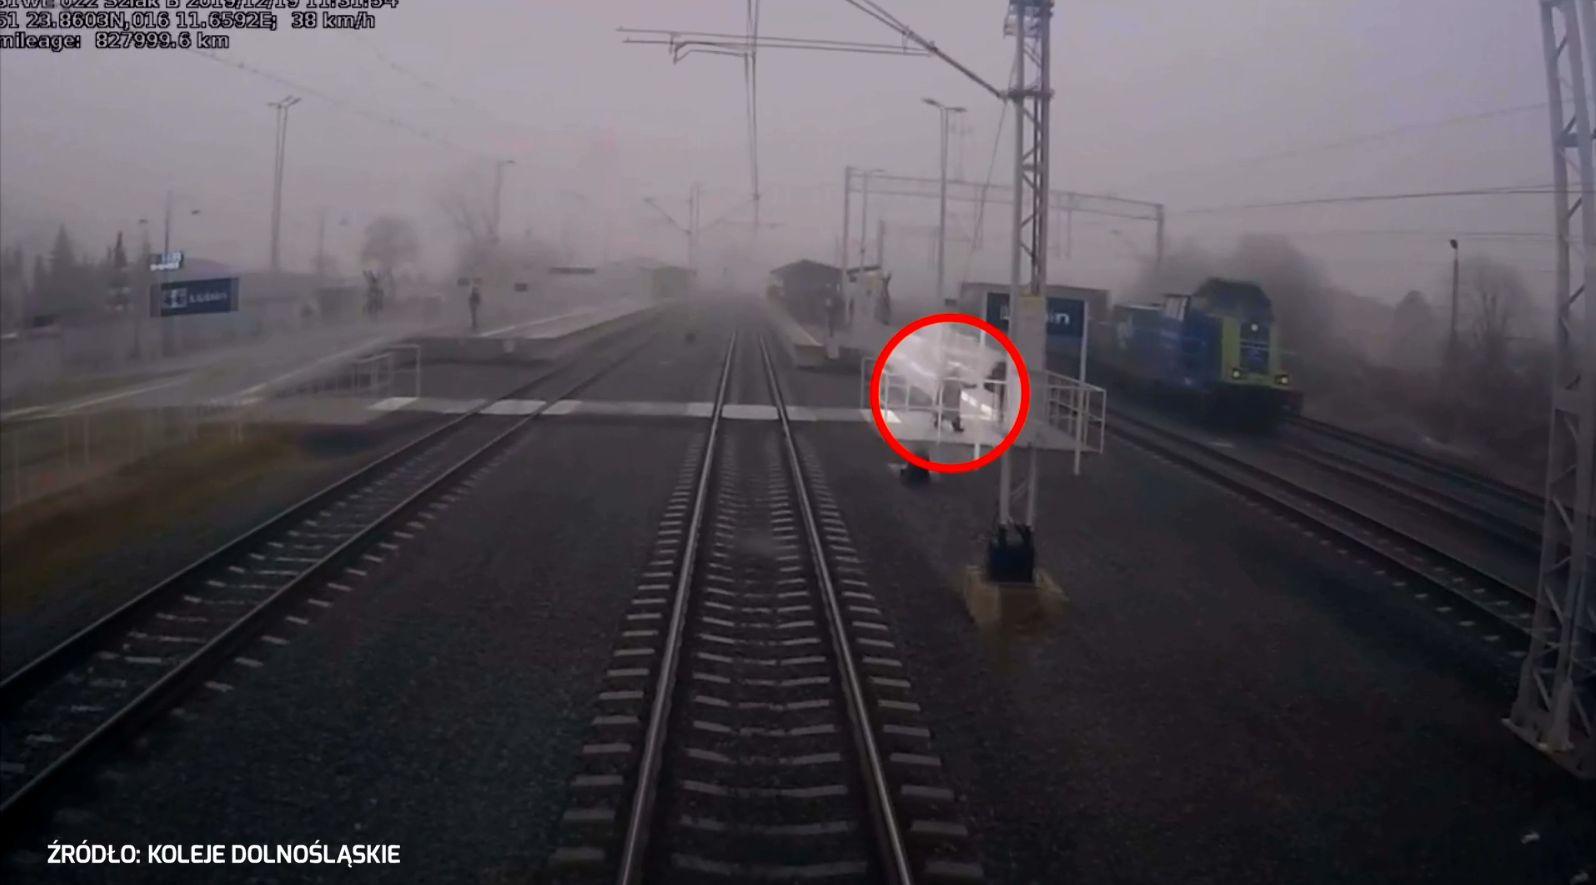 Groźne zdarzenie na stacji kolejowej